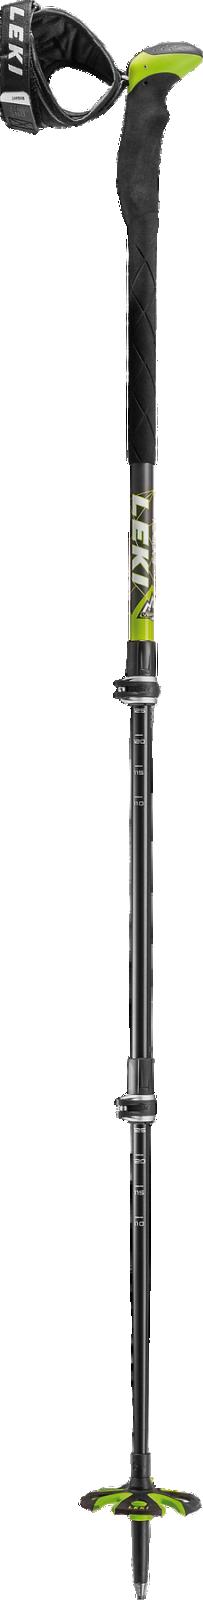 Leki Aergon 3 V